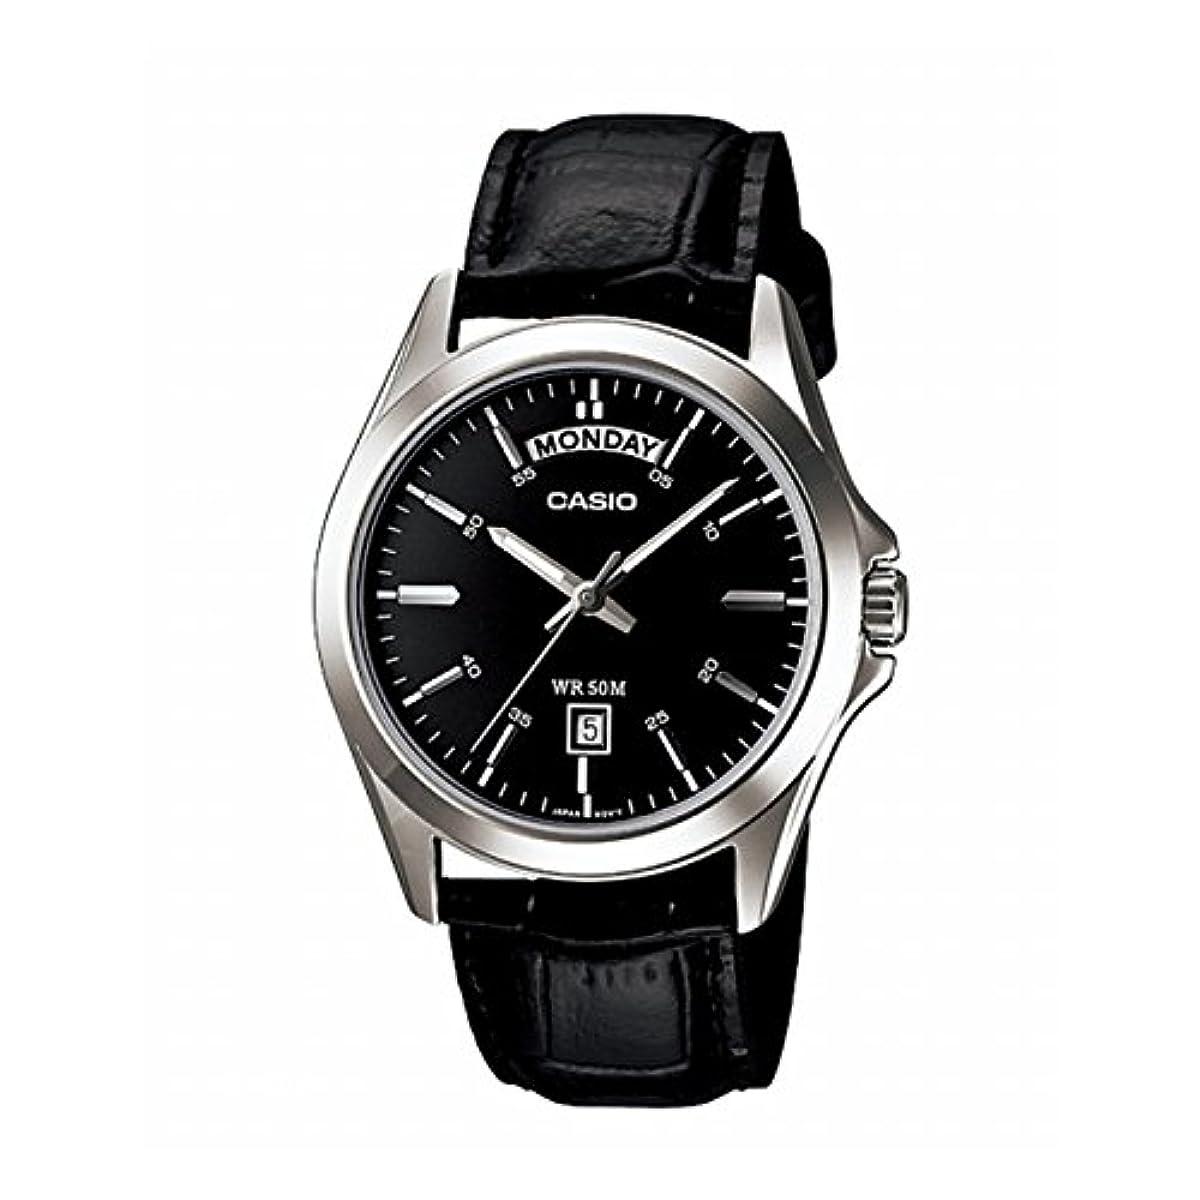 [해외] 【병행수입품】카시오 CASIO 손목시계 시계 칩 카시오 지푸카시 아날로그 MTP-1370L-1A